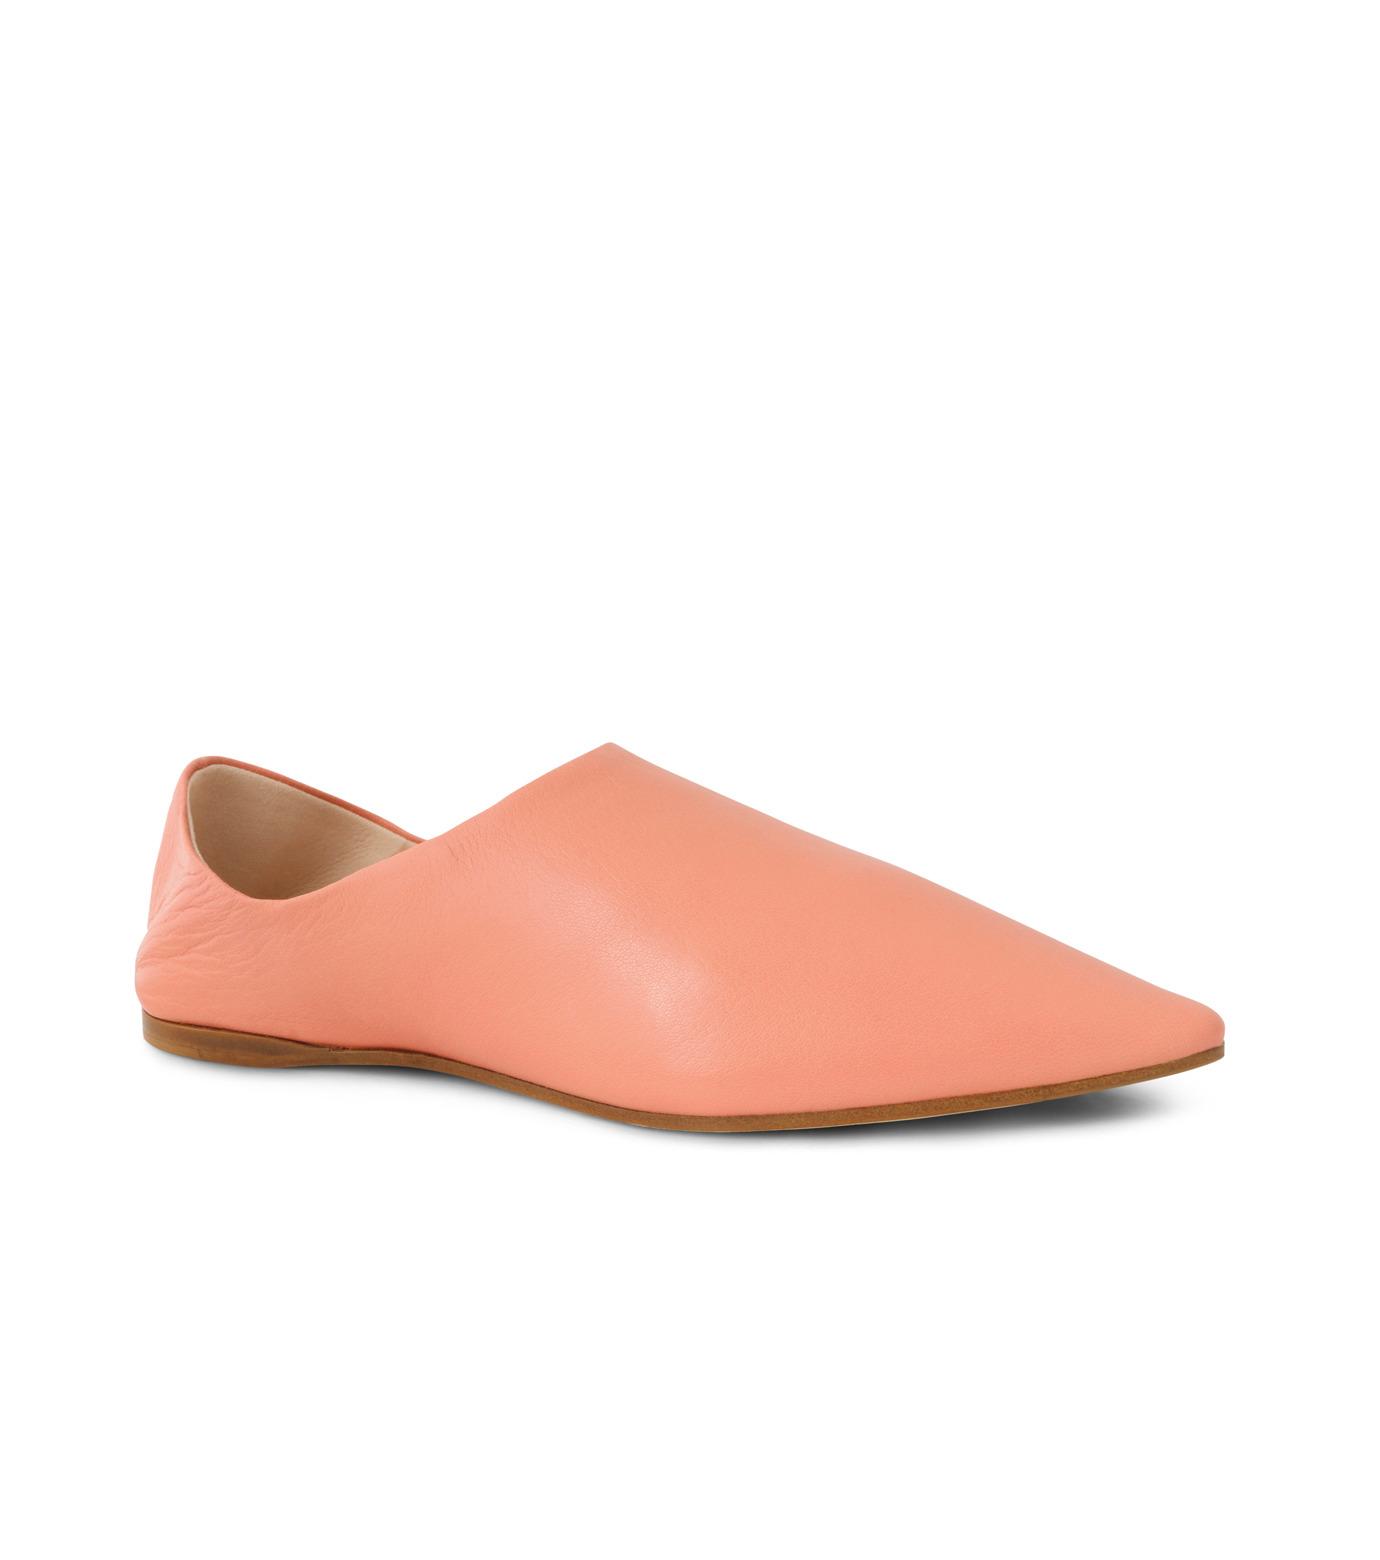 ACNE STUDIOS(アクネ ストゥディオズ)のSlipper Nappa-PINK(フラットシューズ/Flat shoes)-1EGC64-72 拡大詳細画像2